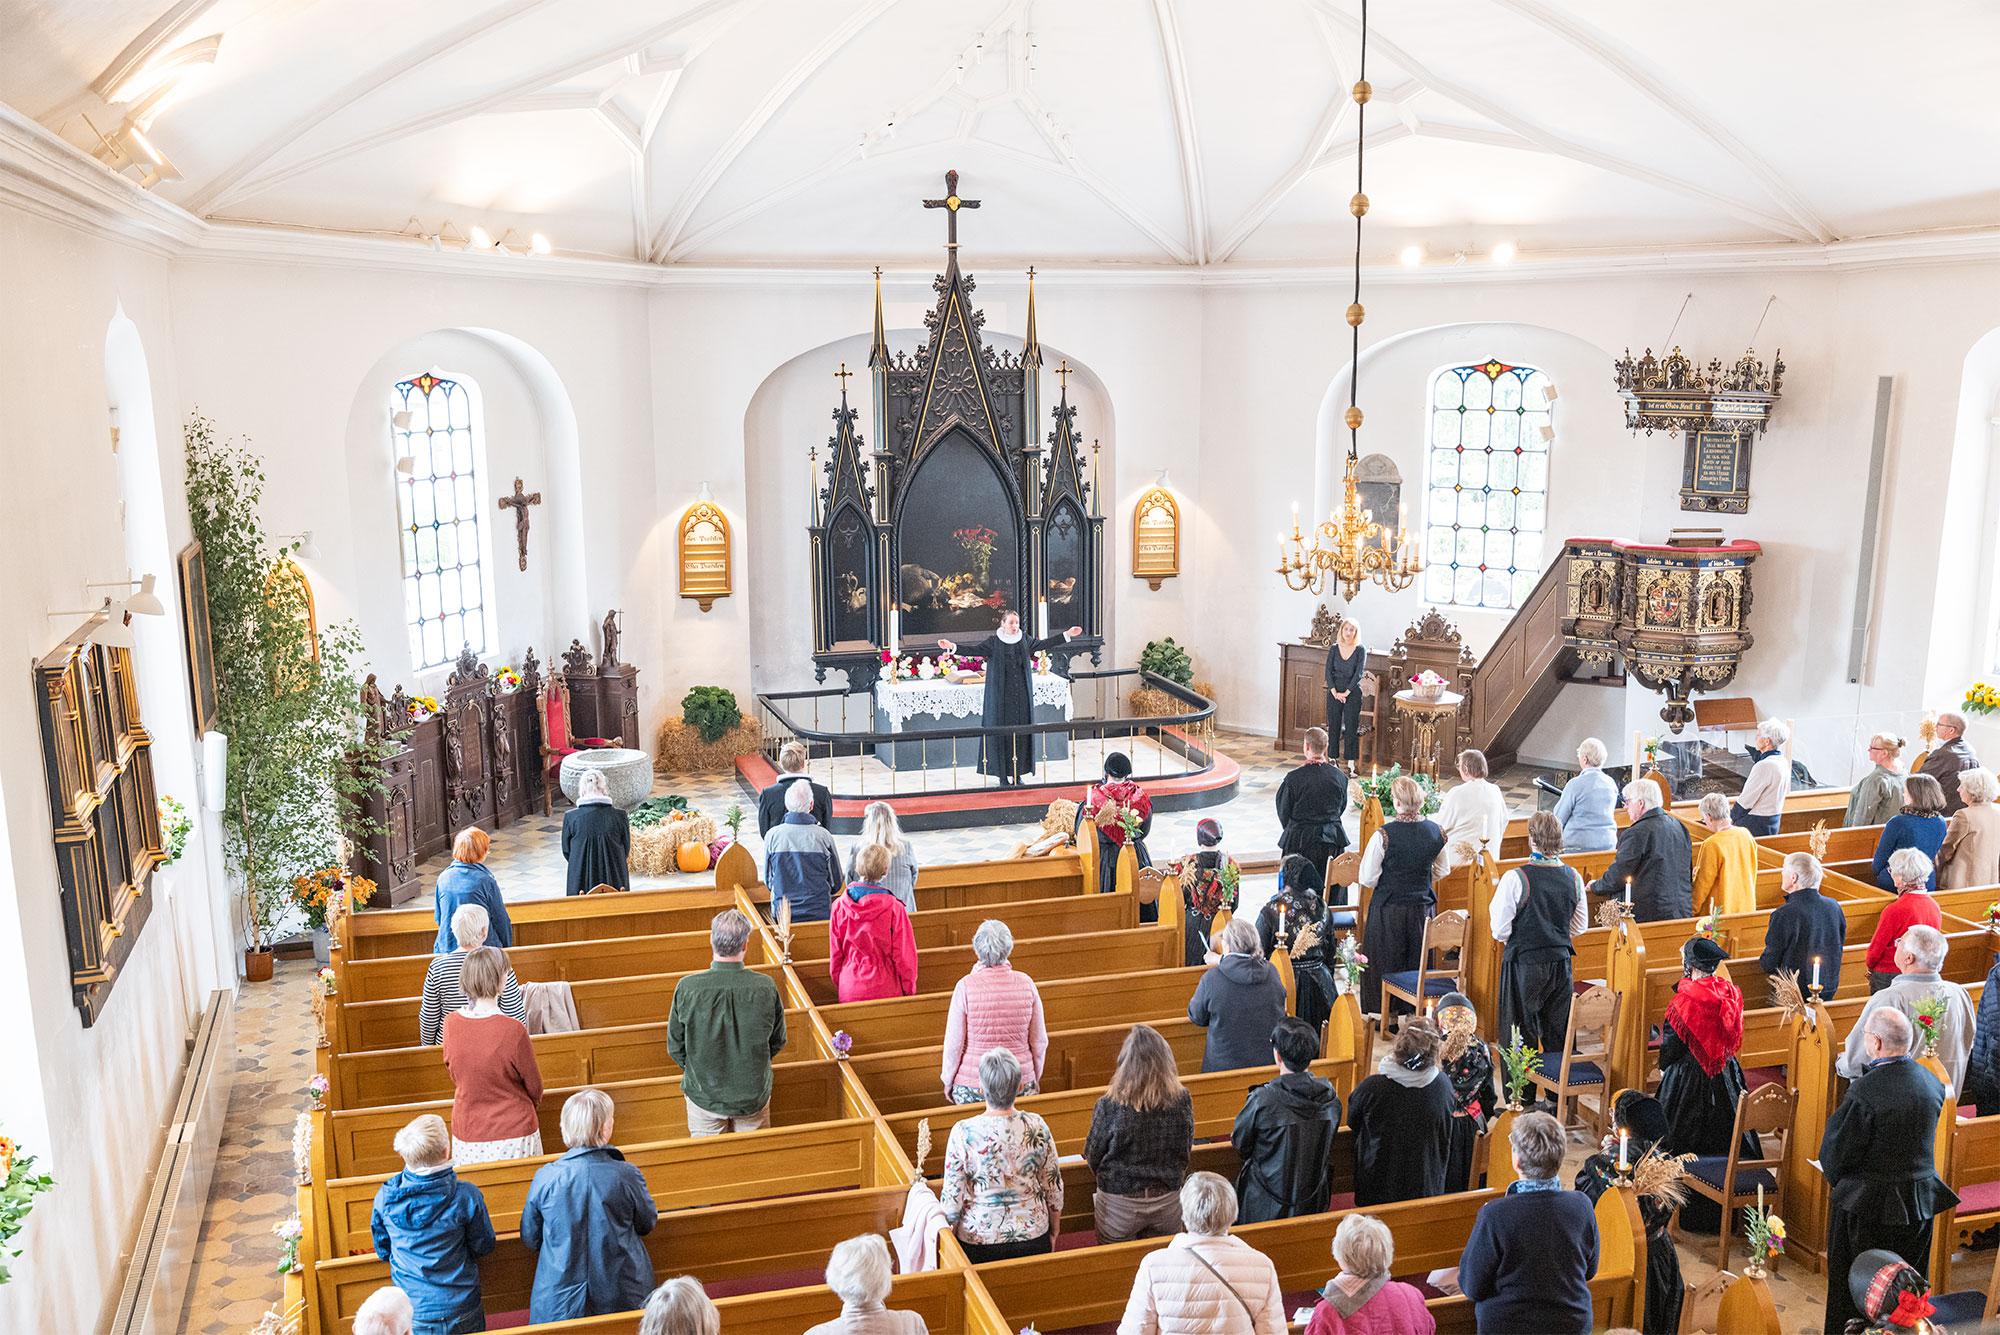 Årets høstgudstjeneste i Store Magleby Kirke var – med afstand – velbesøgt. Foto: TorbenStender.